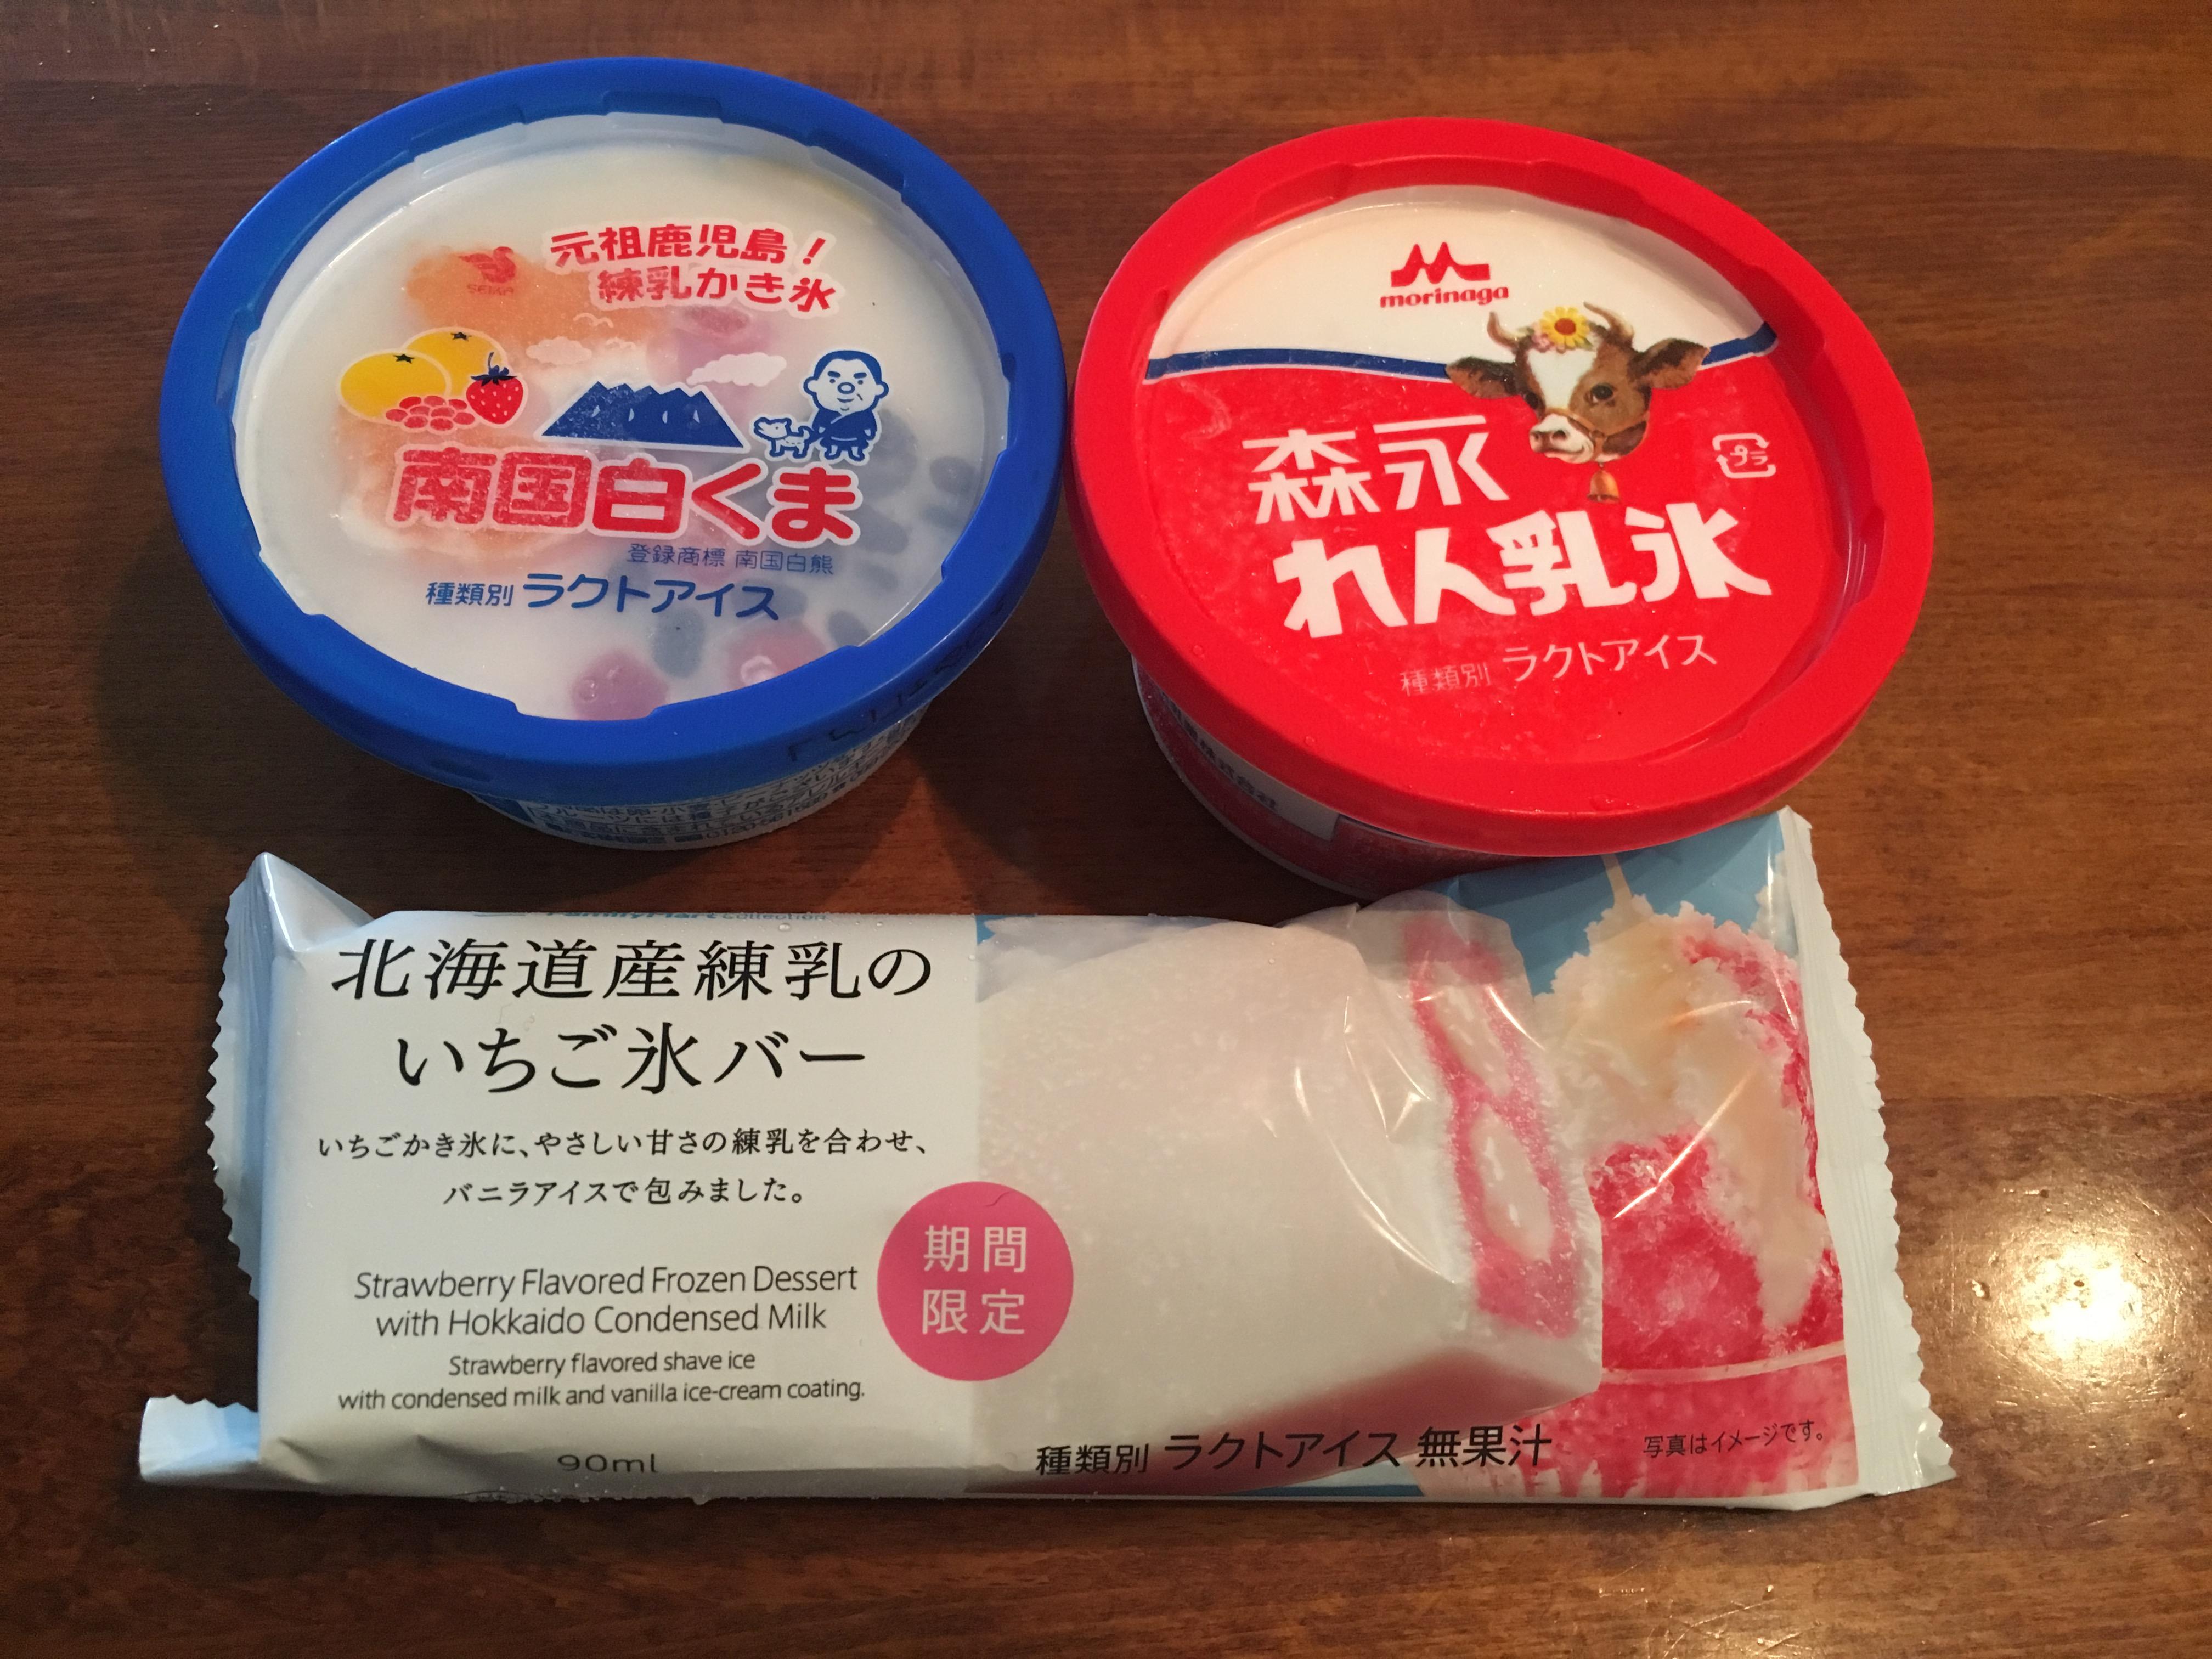 練乳たっぷりの氷アイス3種を食べ比べ!1番美味しいのはこれだ!